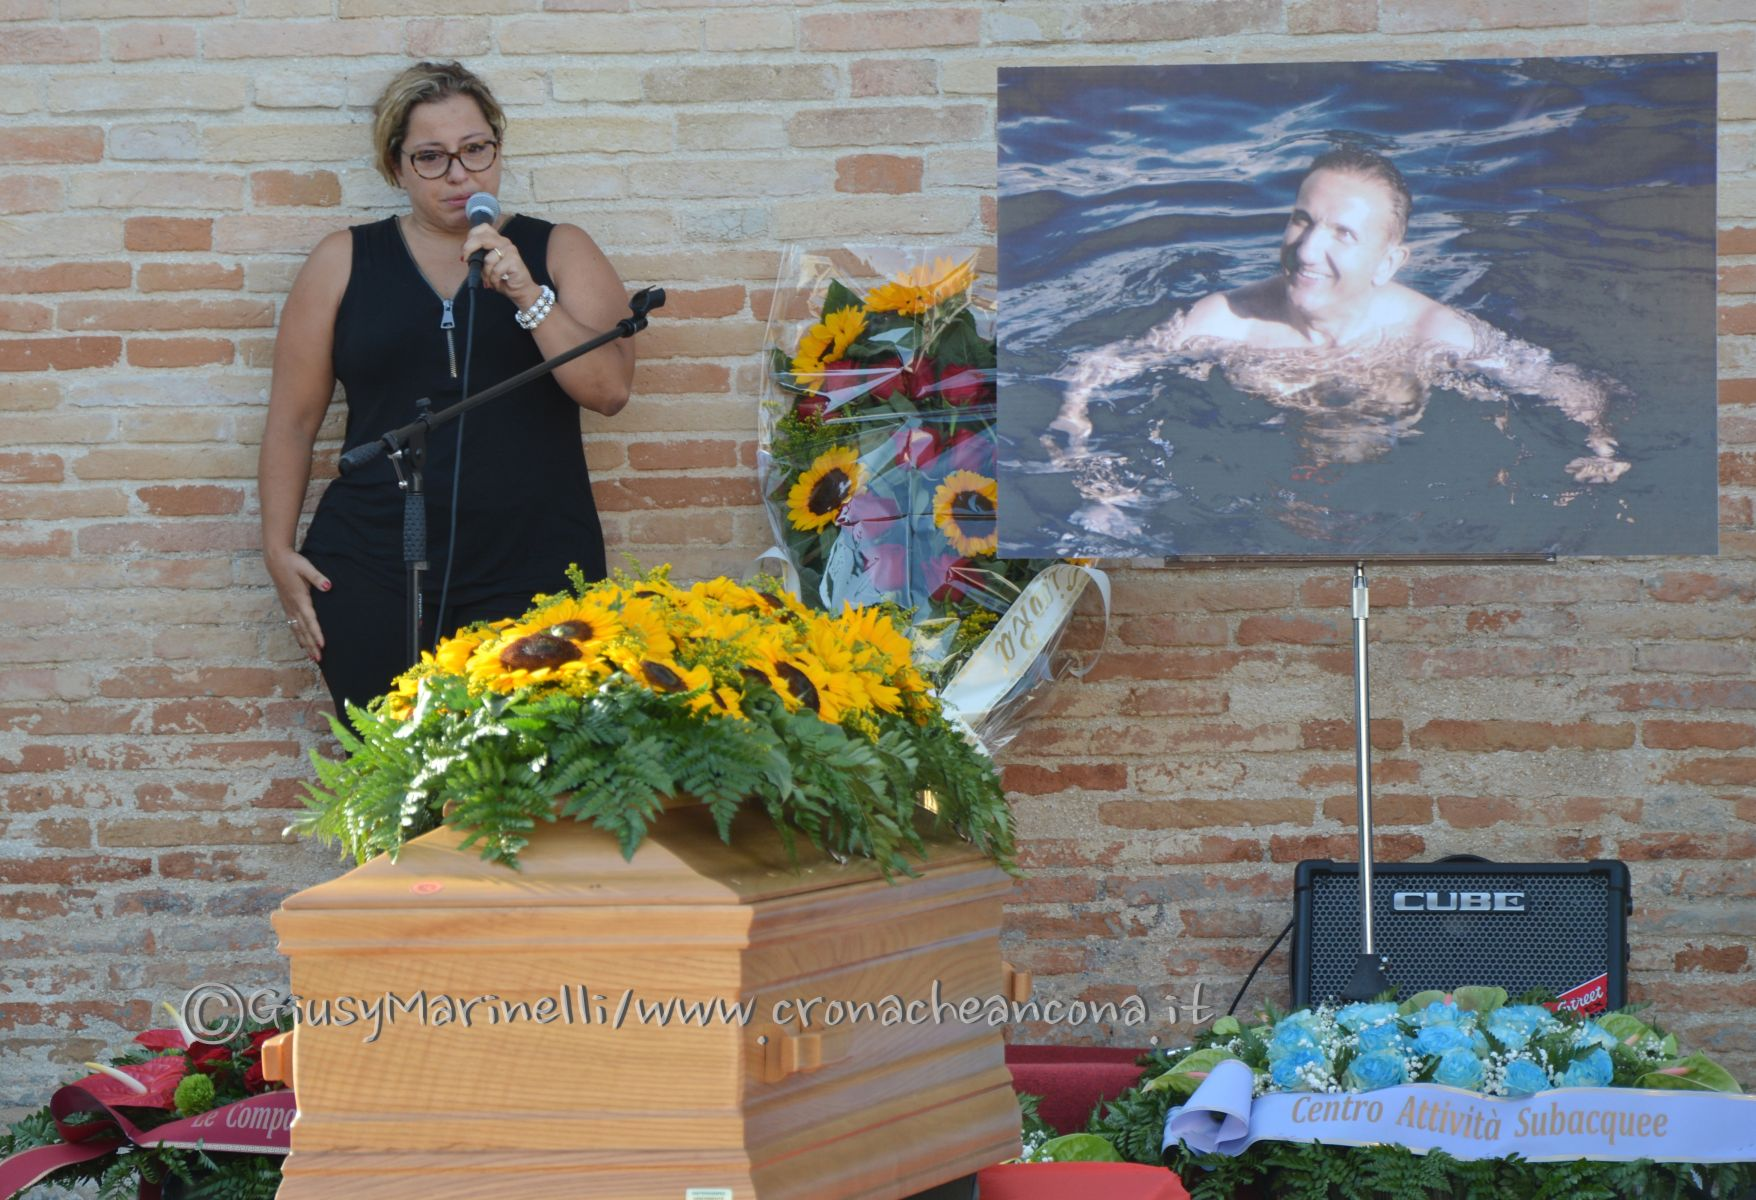 funerali_Raoul_Chiucconi-incidente_Camerano-DSC_0015-sub